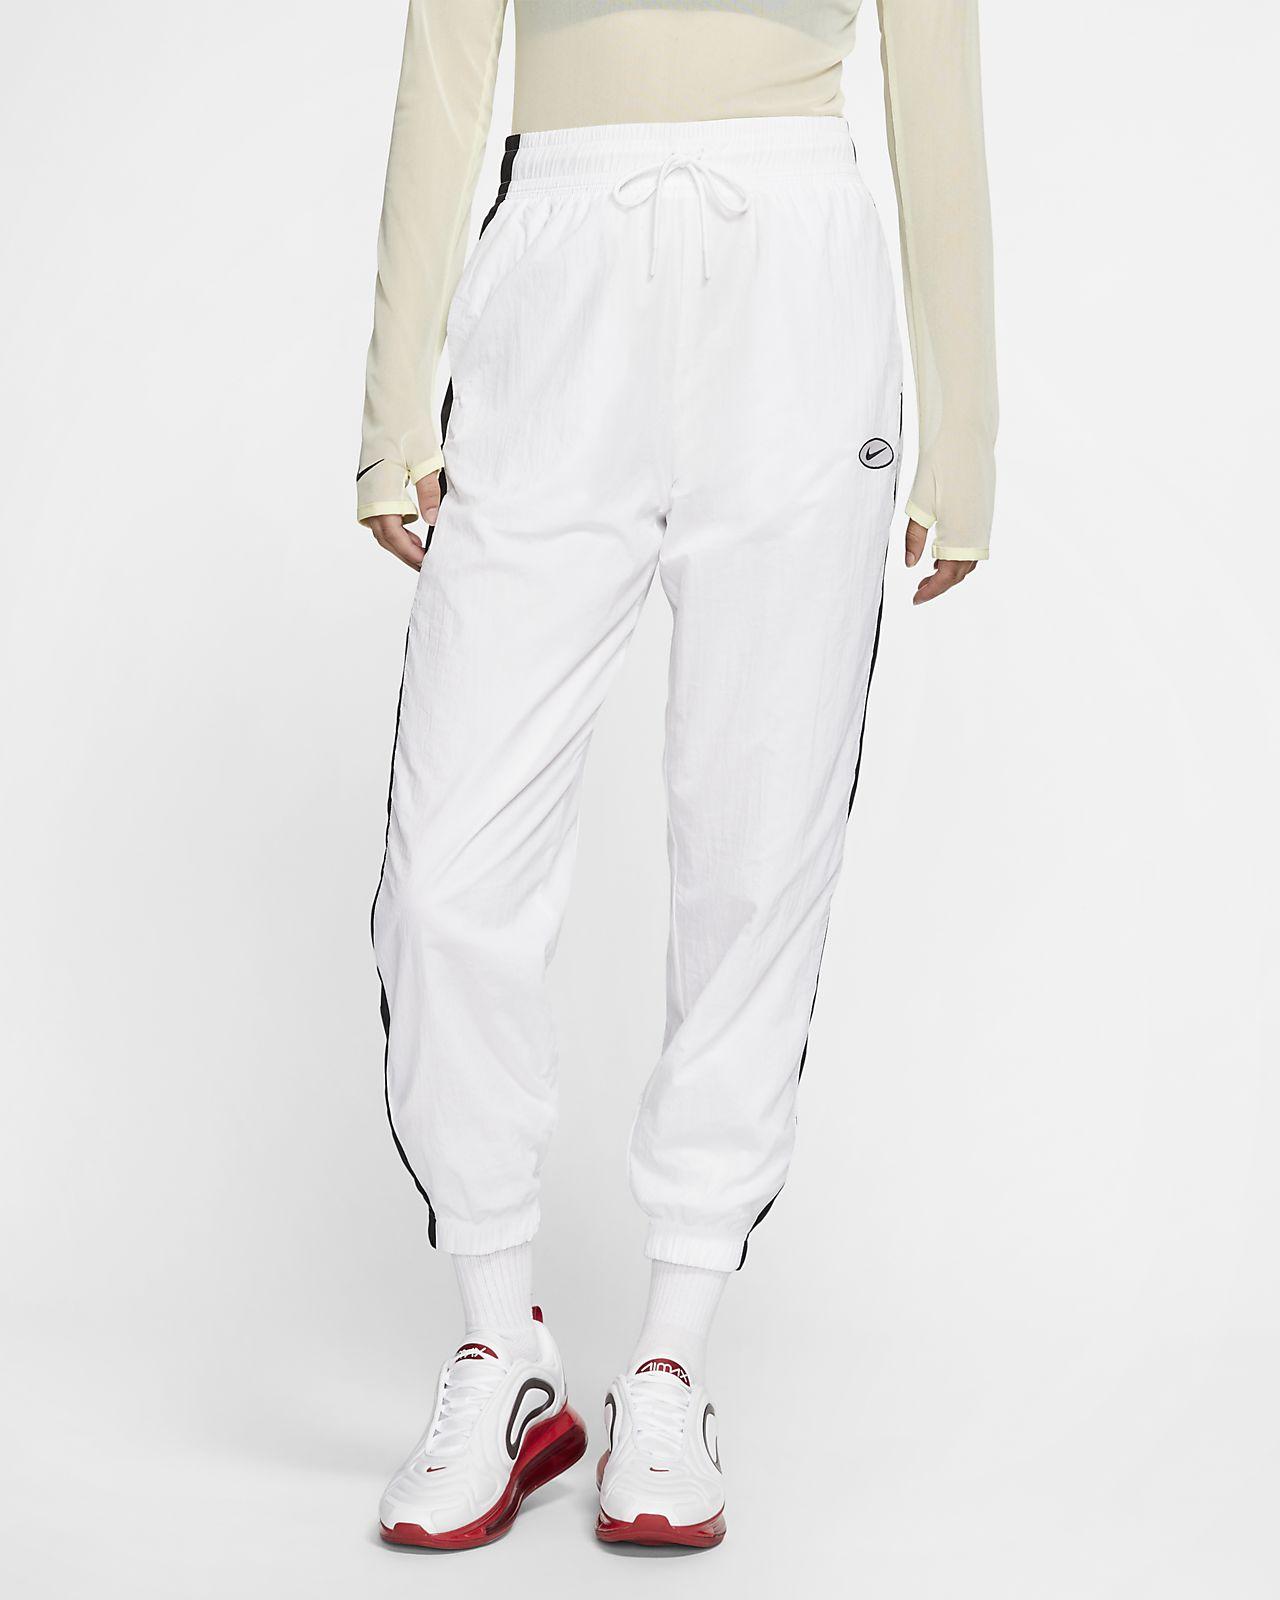 Nike Sportswear Women's Woven Swoosh Trousers